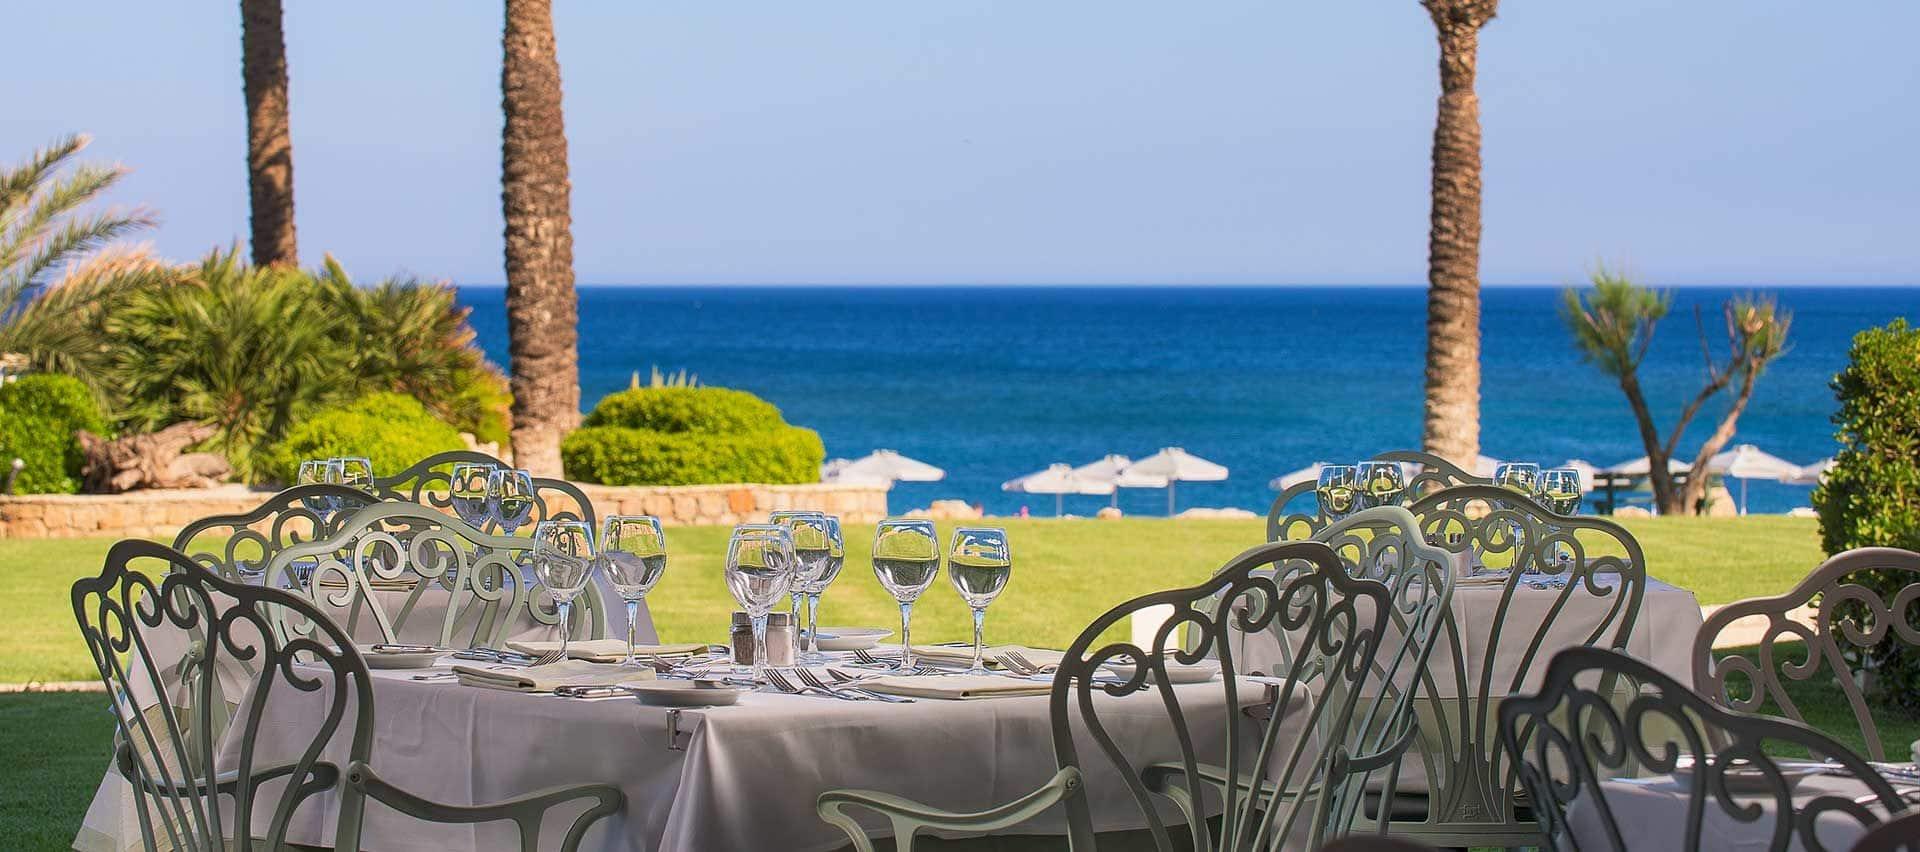 307_Symposium_Restaurant_Terrace_Rodos_Palladium_webq30